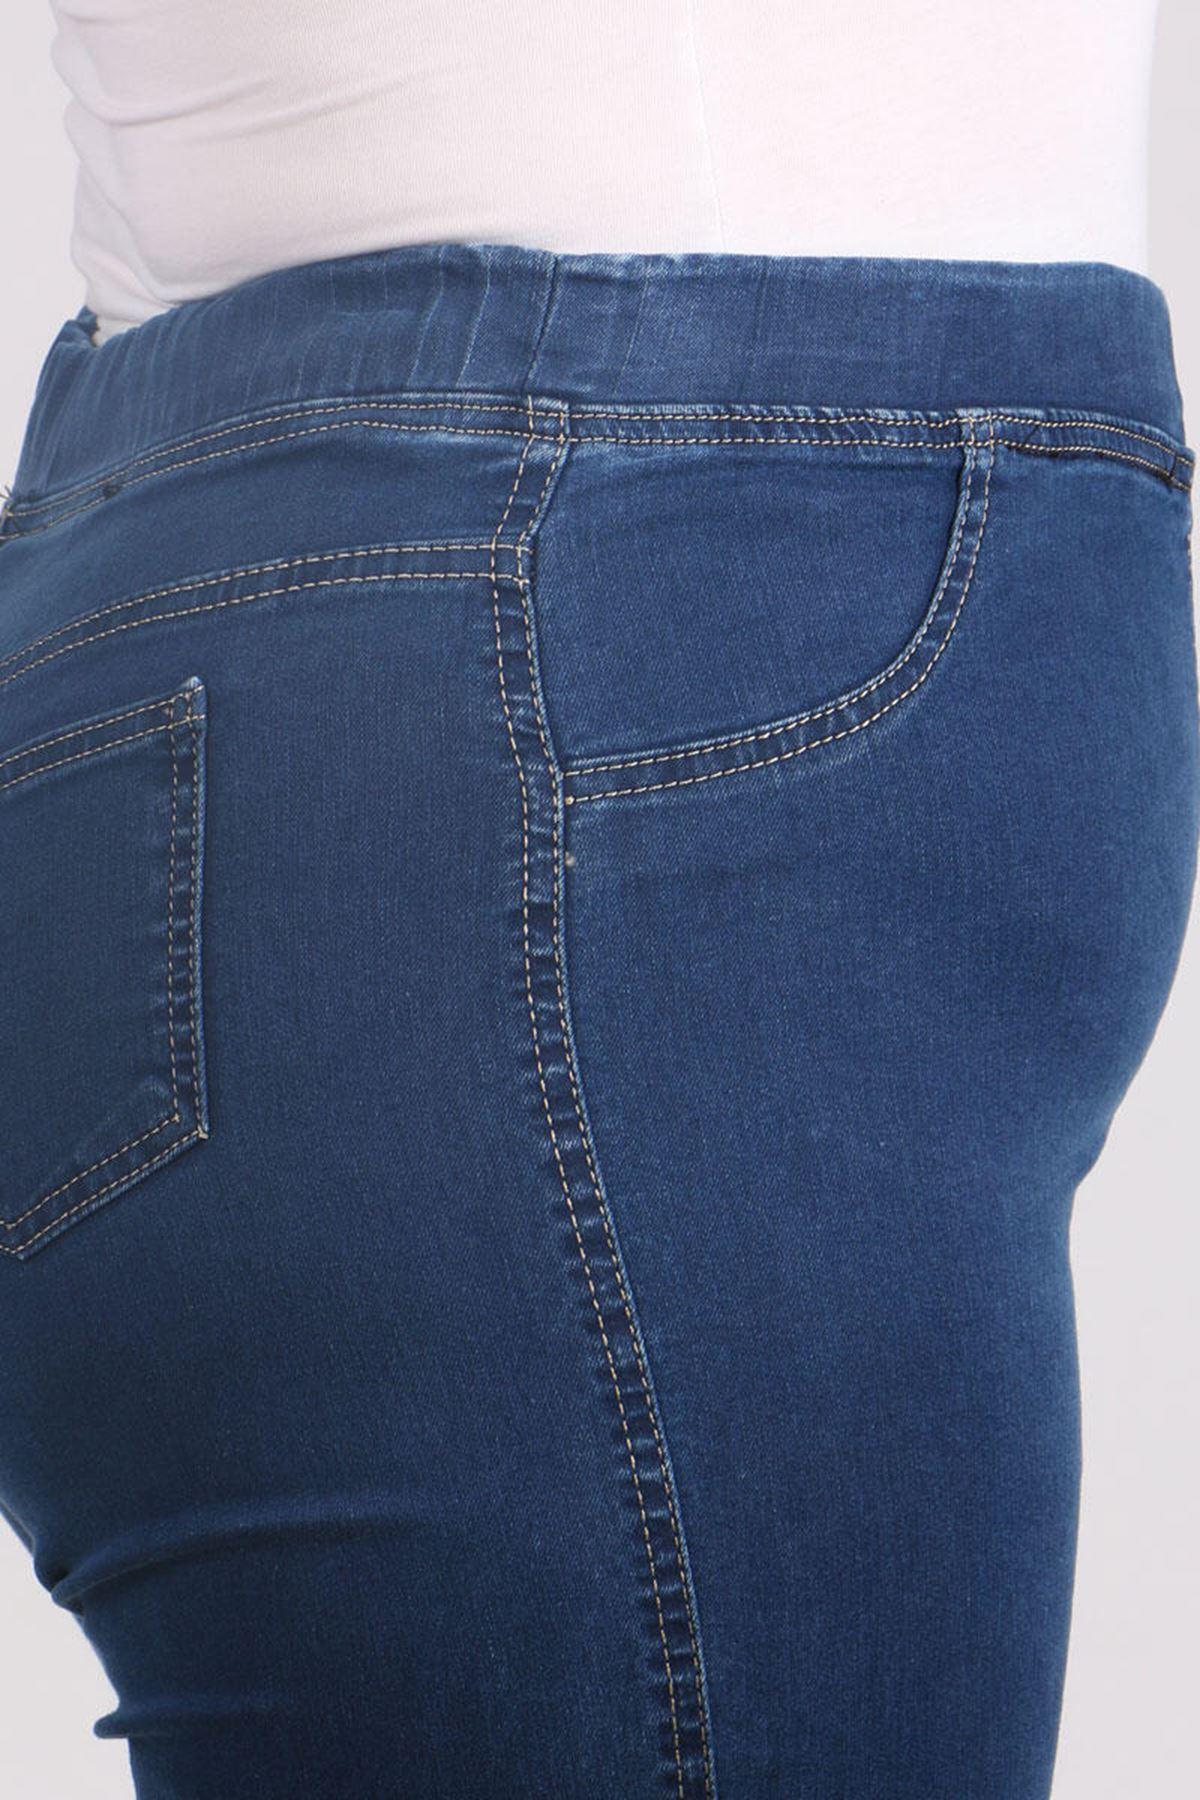 9109-7 بنطلون جينز مرن الخصر و مقاس كبير - أزرق كحلي